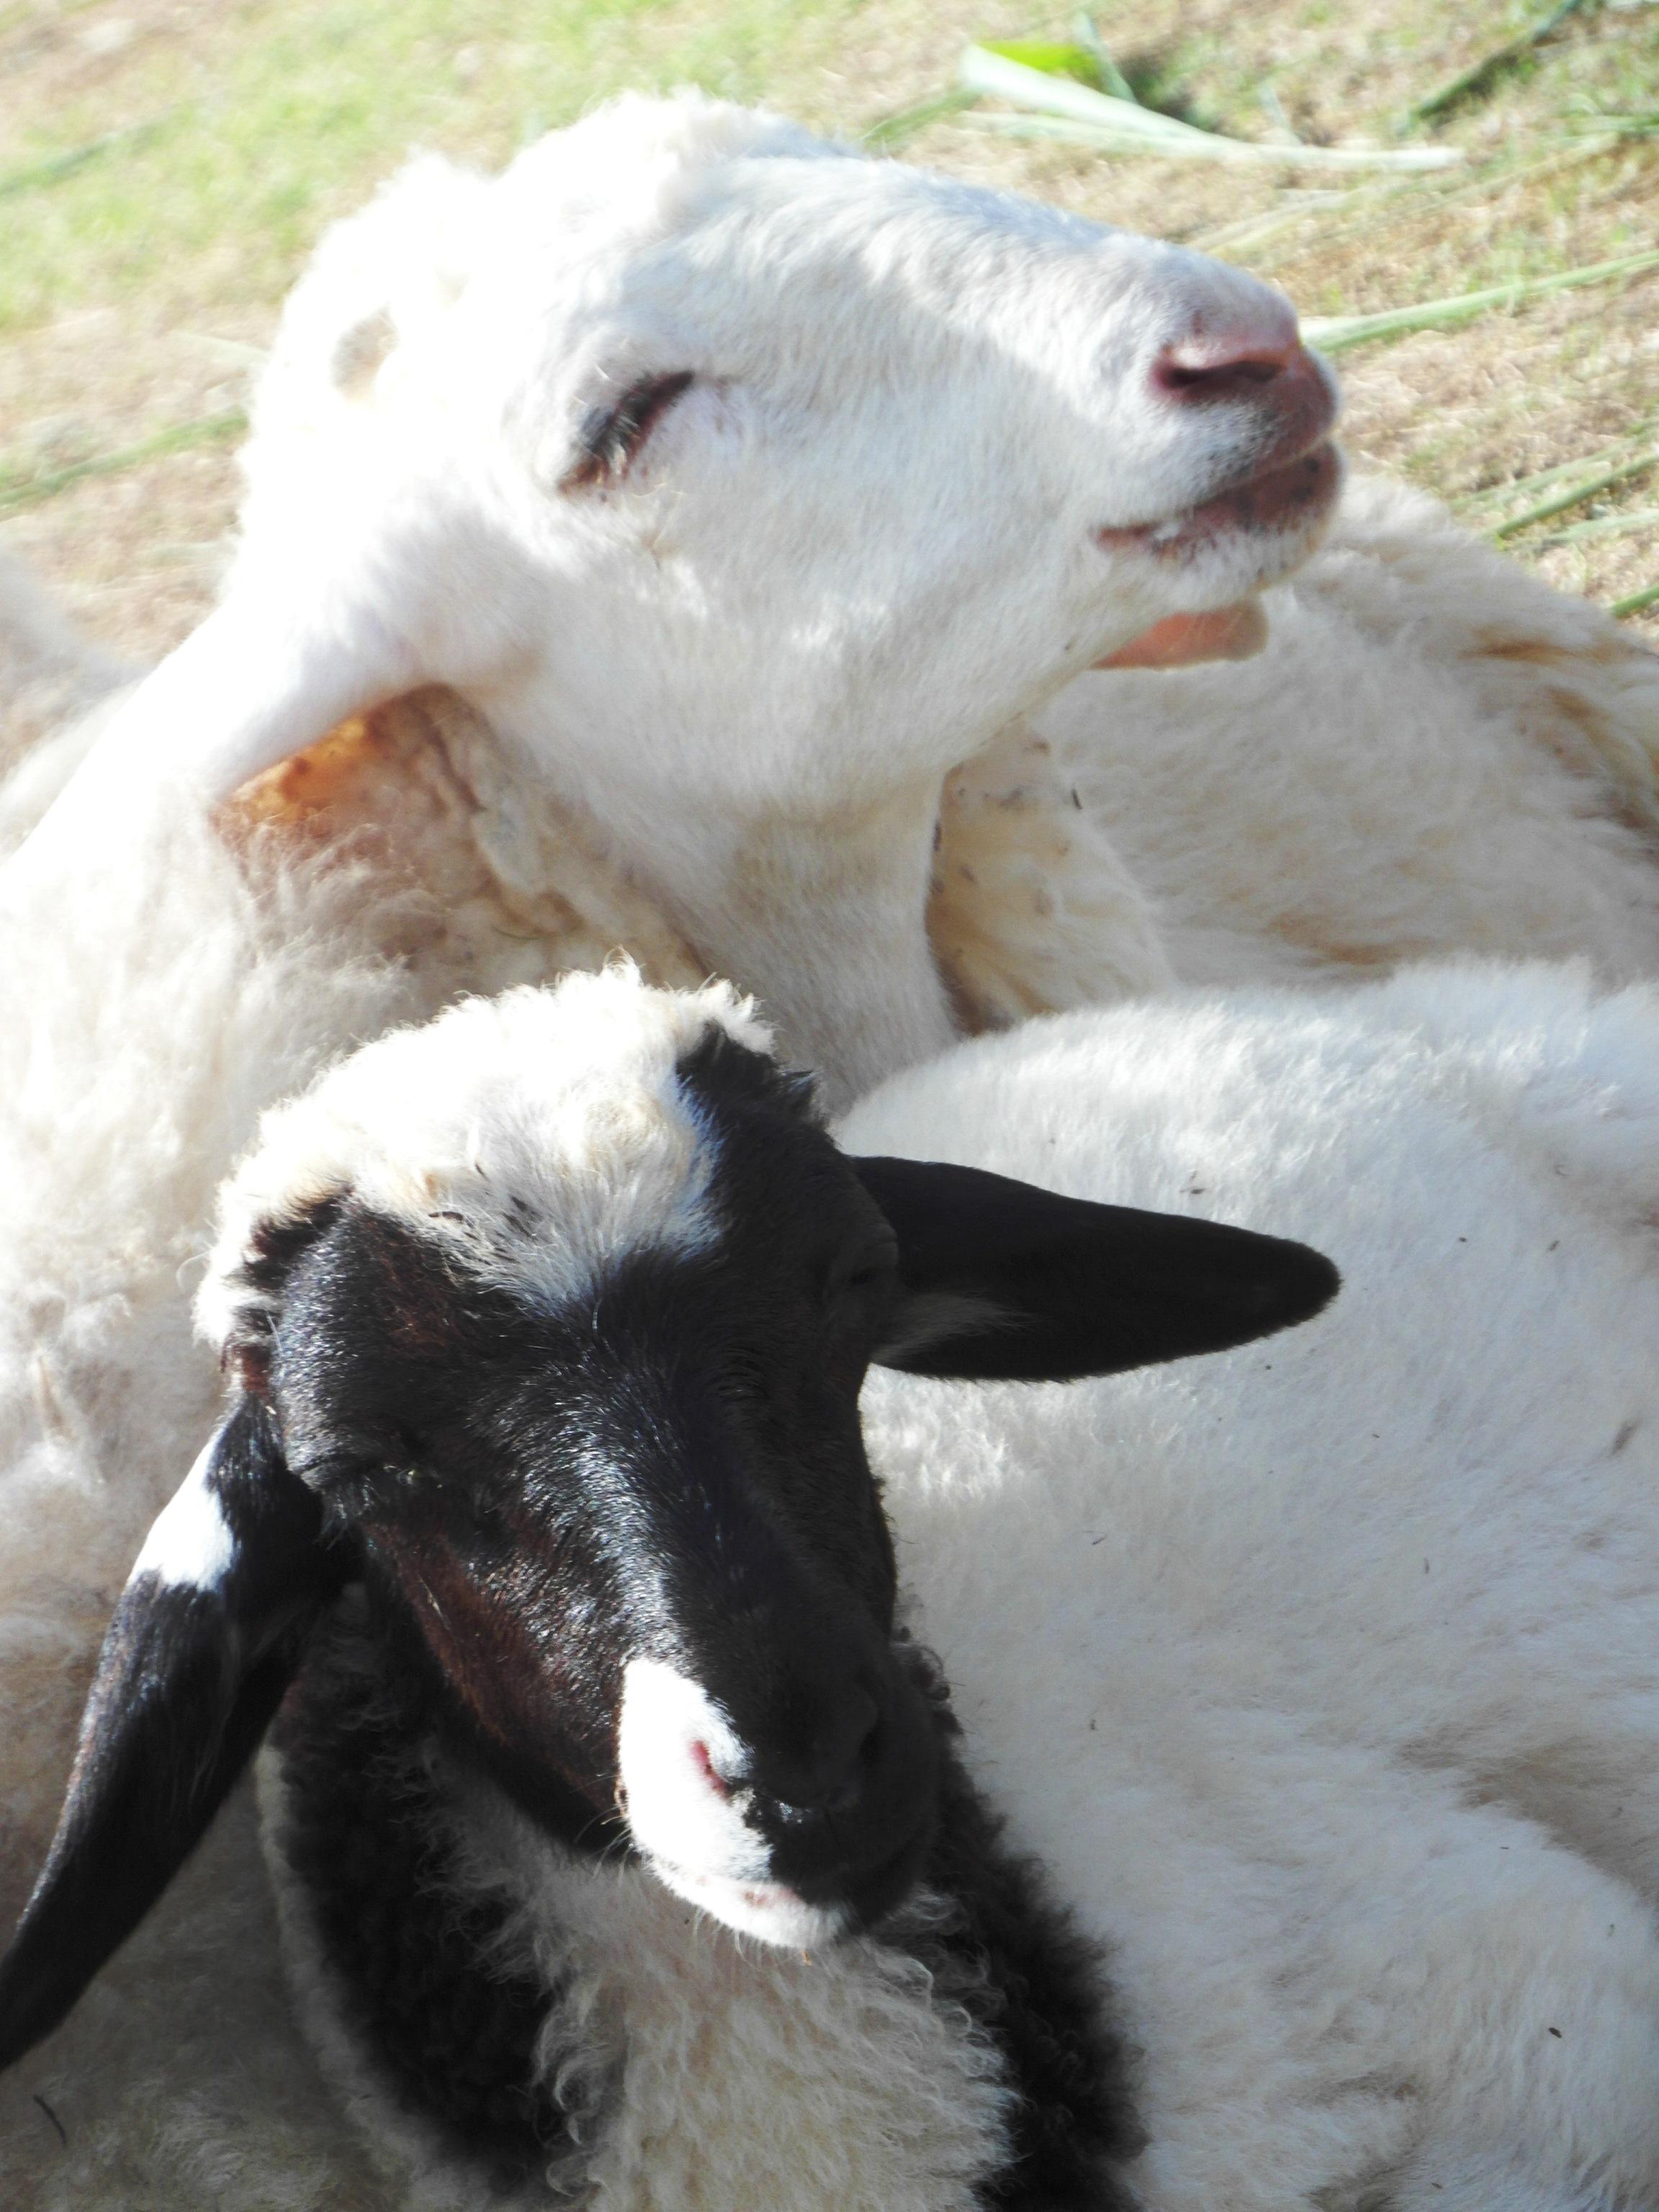 Sheep, Animal, Eating, Farm, Feeding, HQ Photo